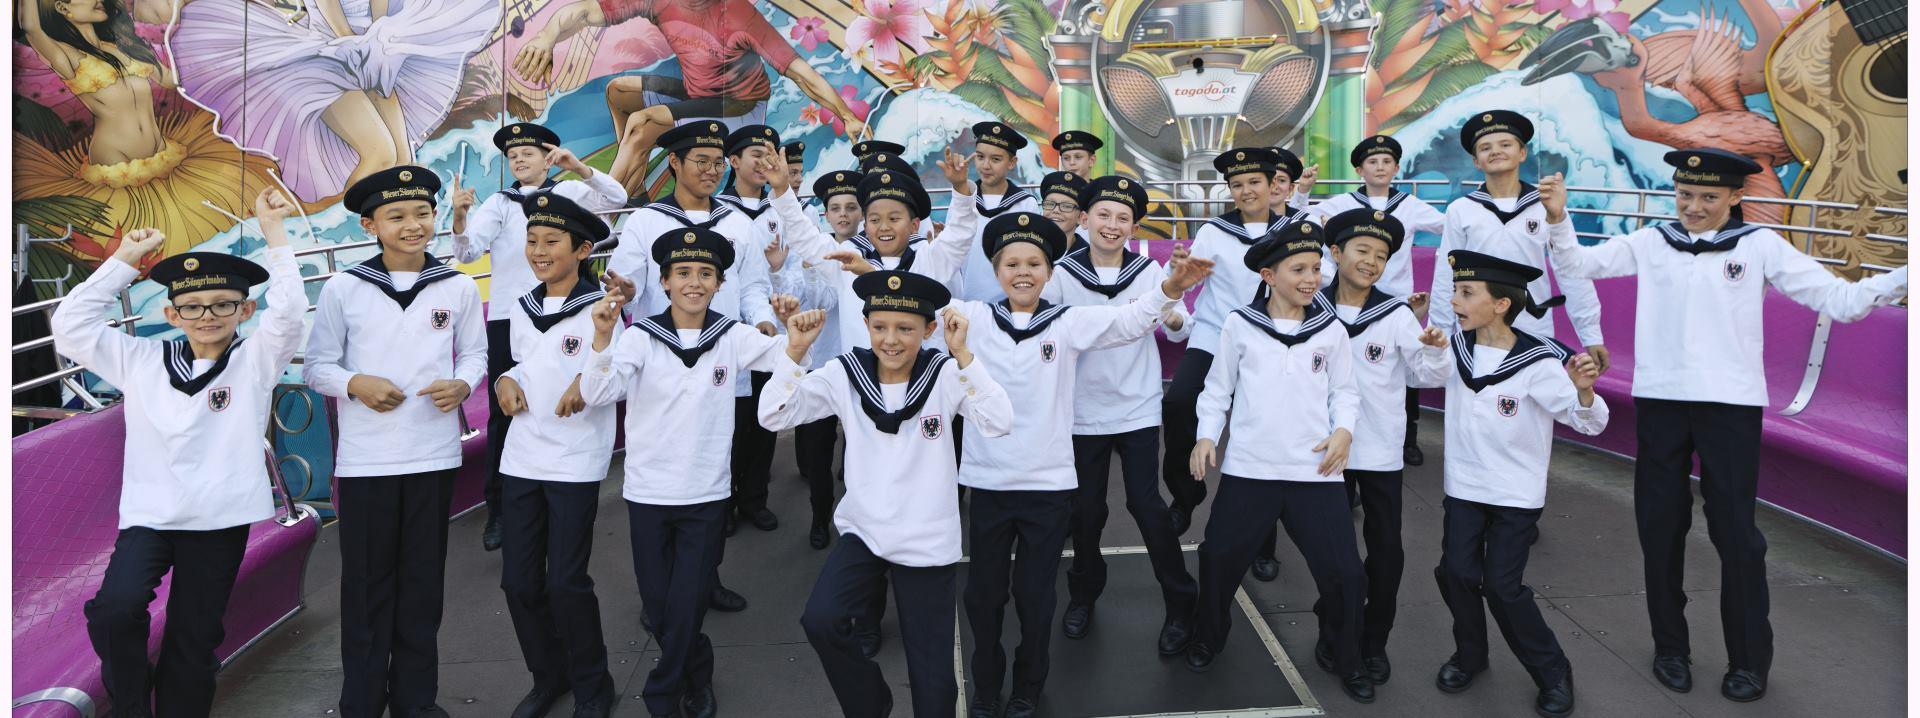 Poznati zbor 'Bečki dječaci' uvršten na UNESCO-vu listu svjetske baštine